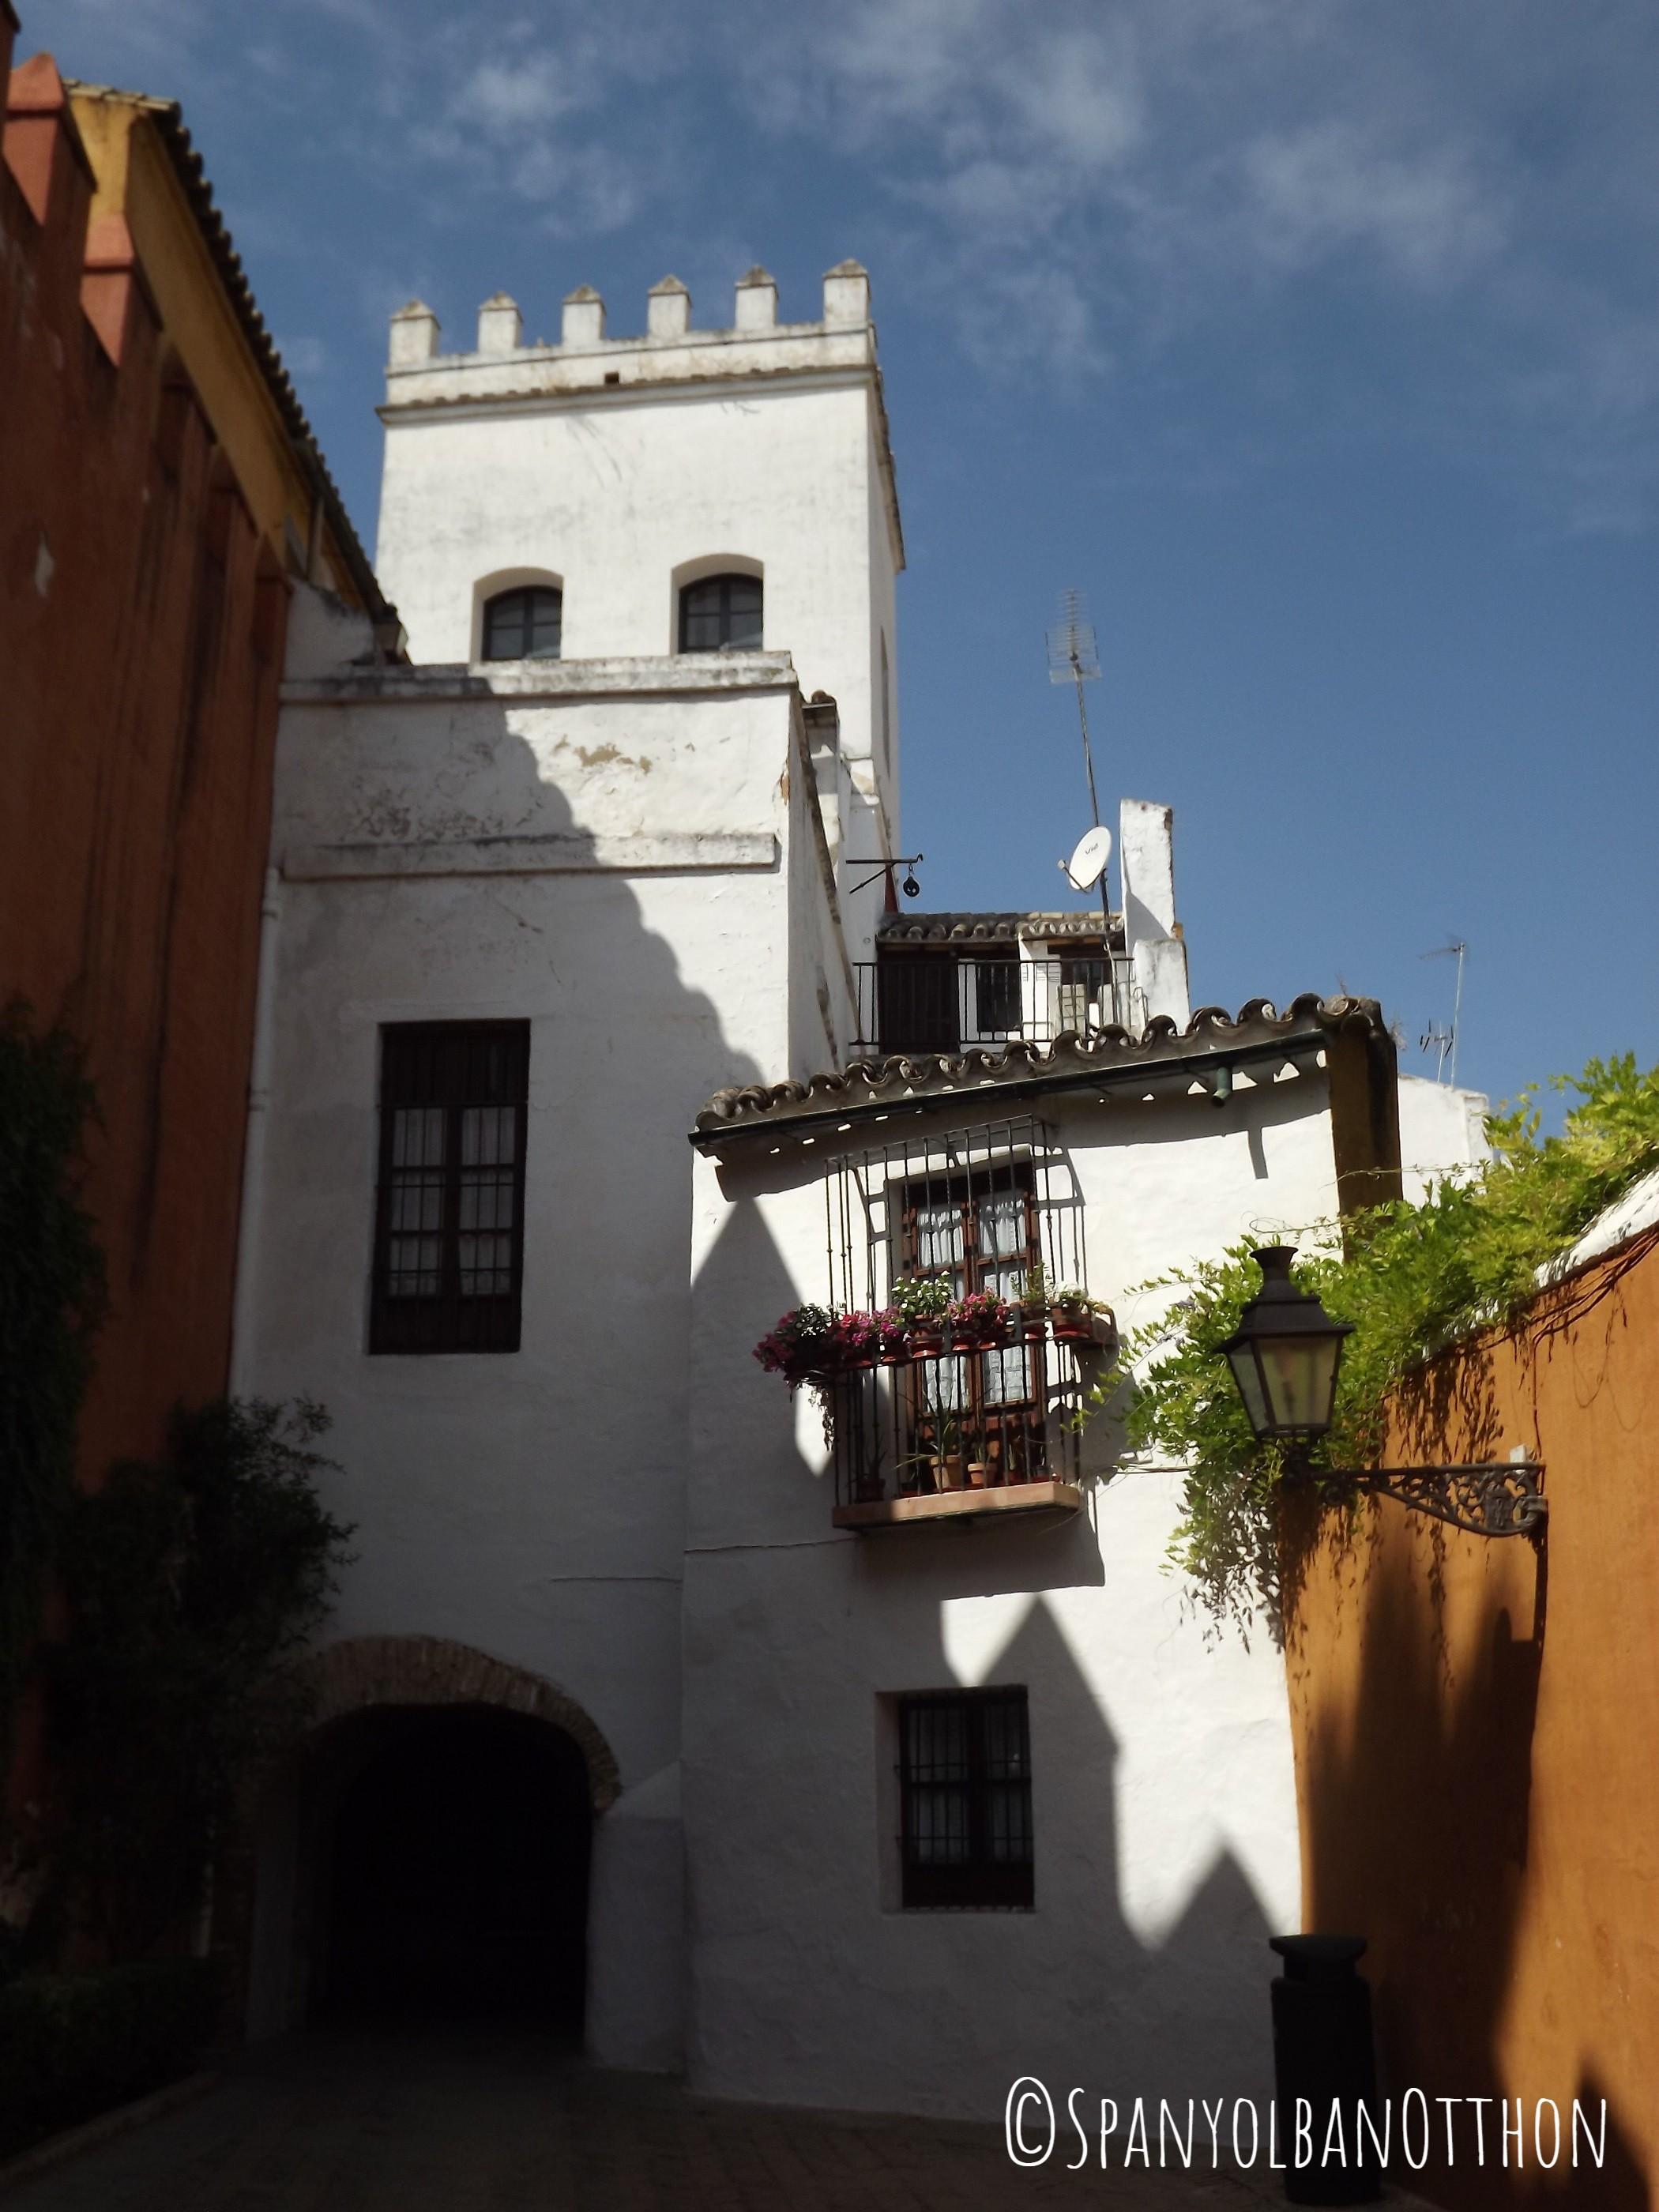 sevilla_latnivalok_spanyolban_otthon_24.JPG